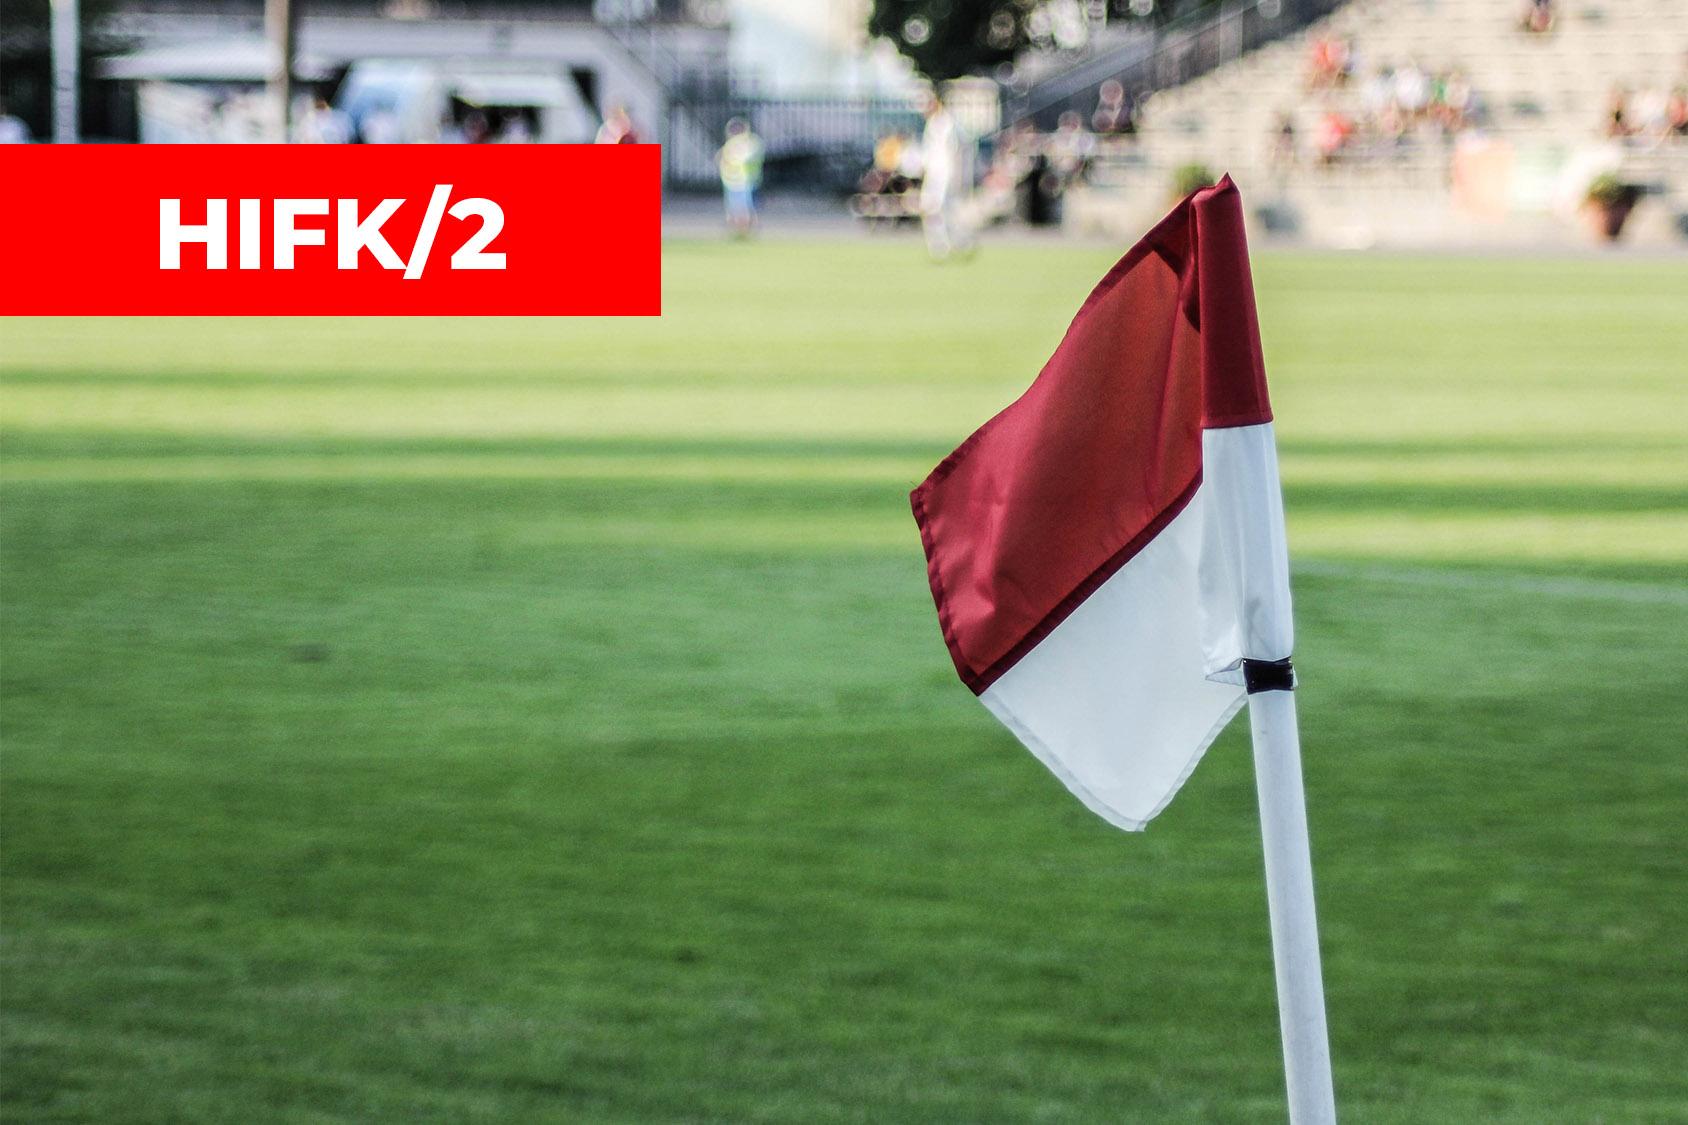 HIFK/2 valmiina uuteen kauteen